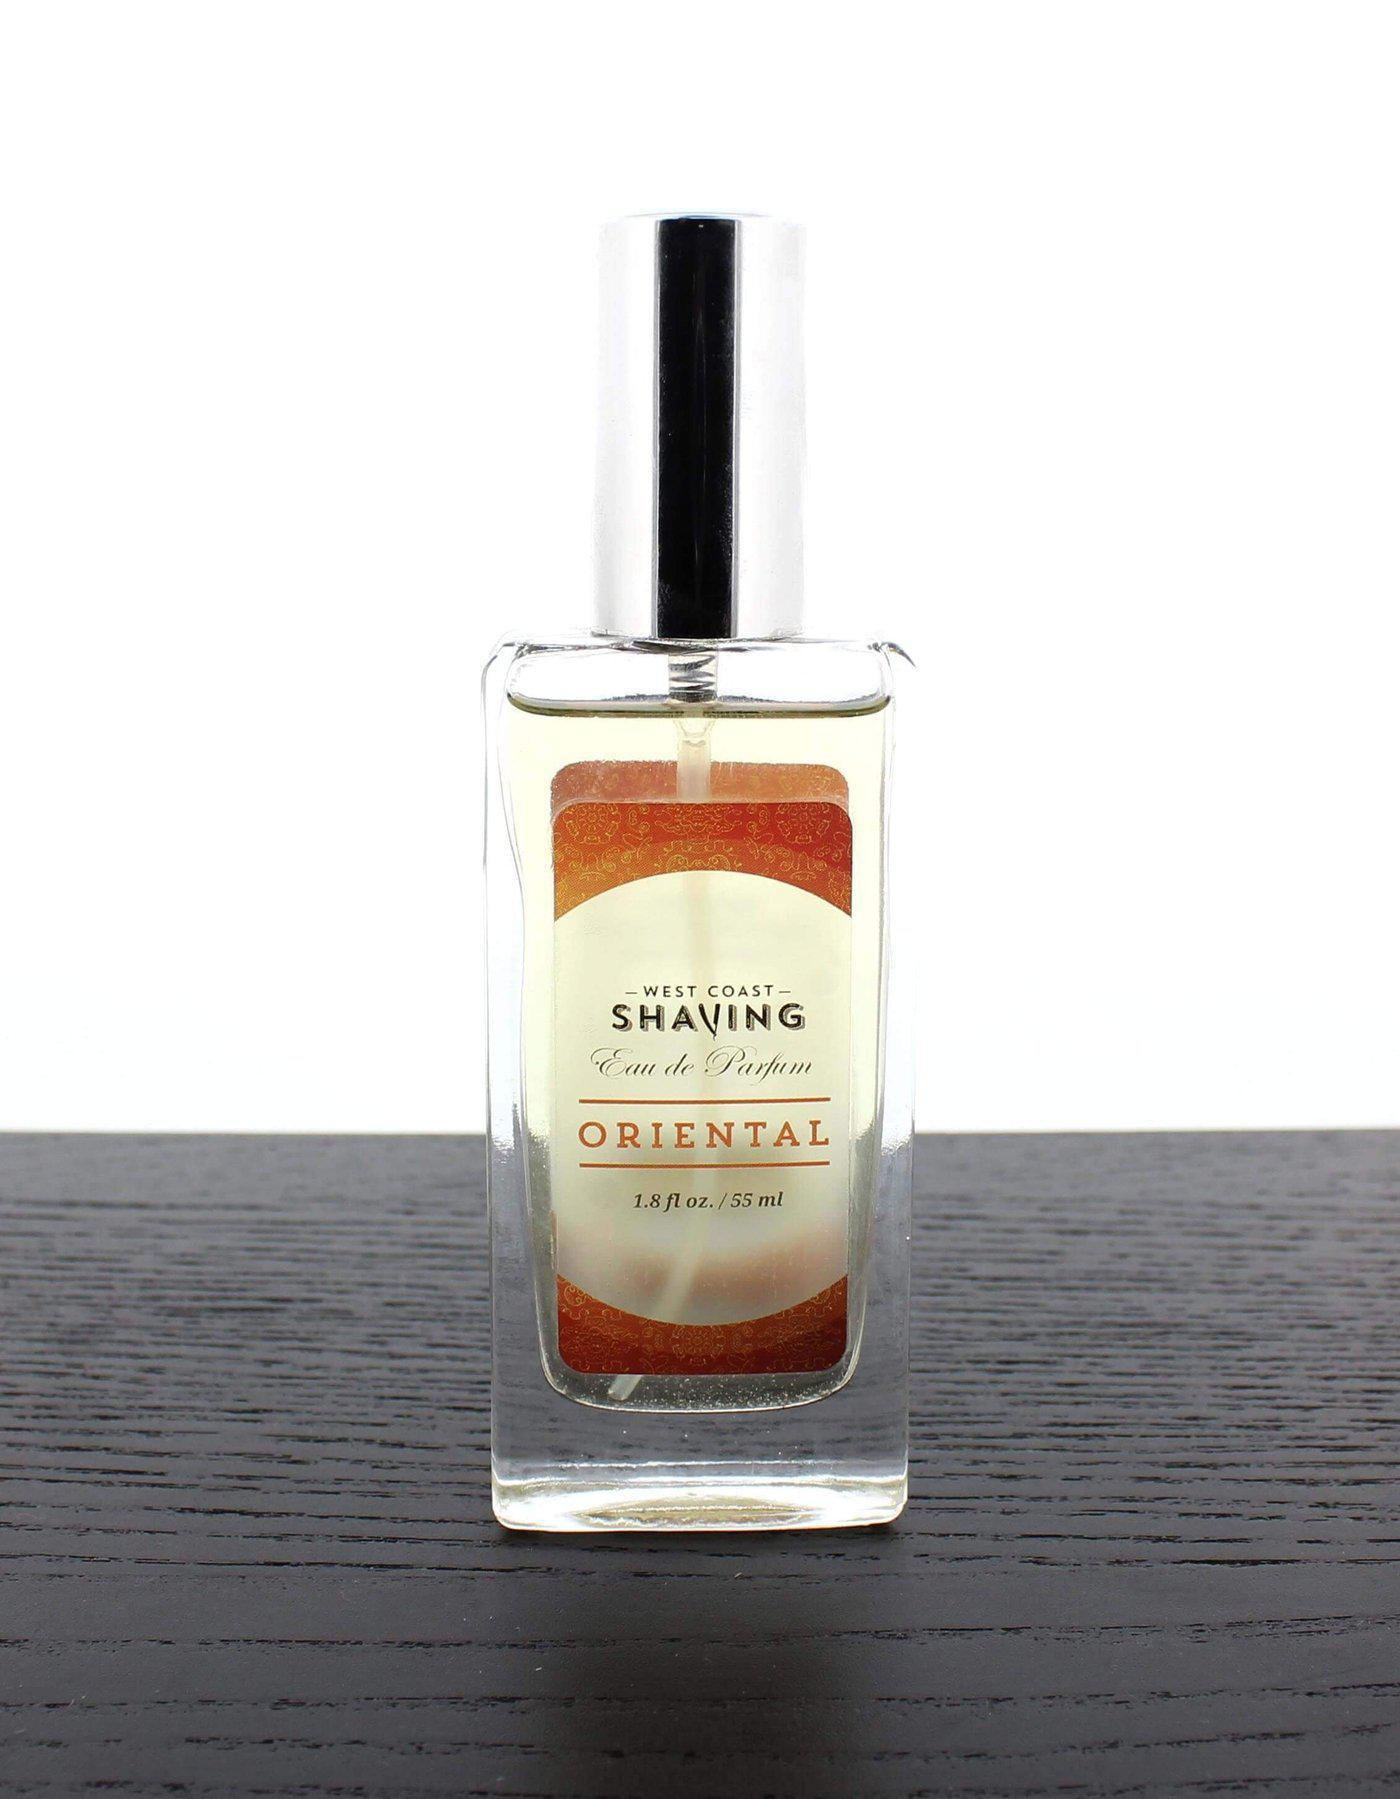 West Coast Shaving - Oriental - Eau de Parfum image